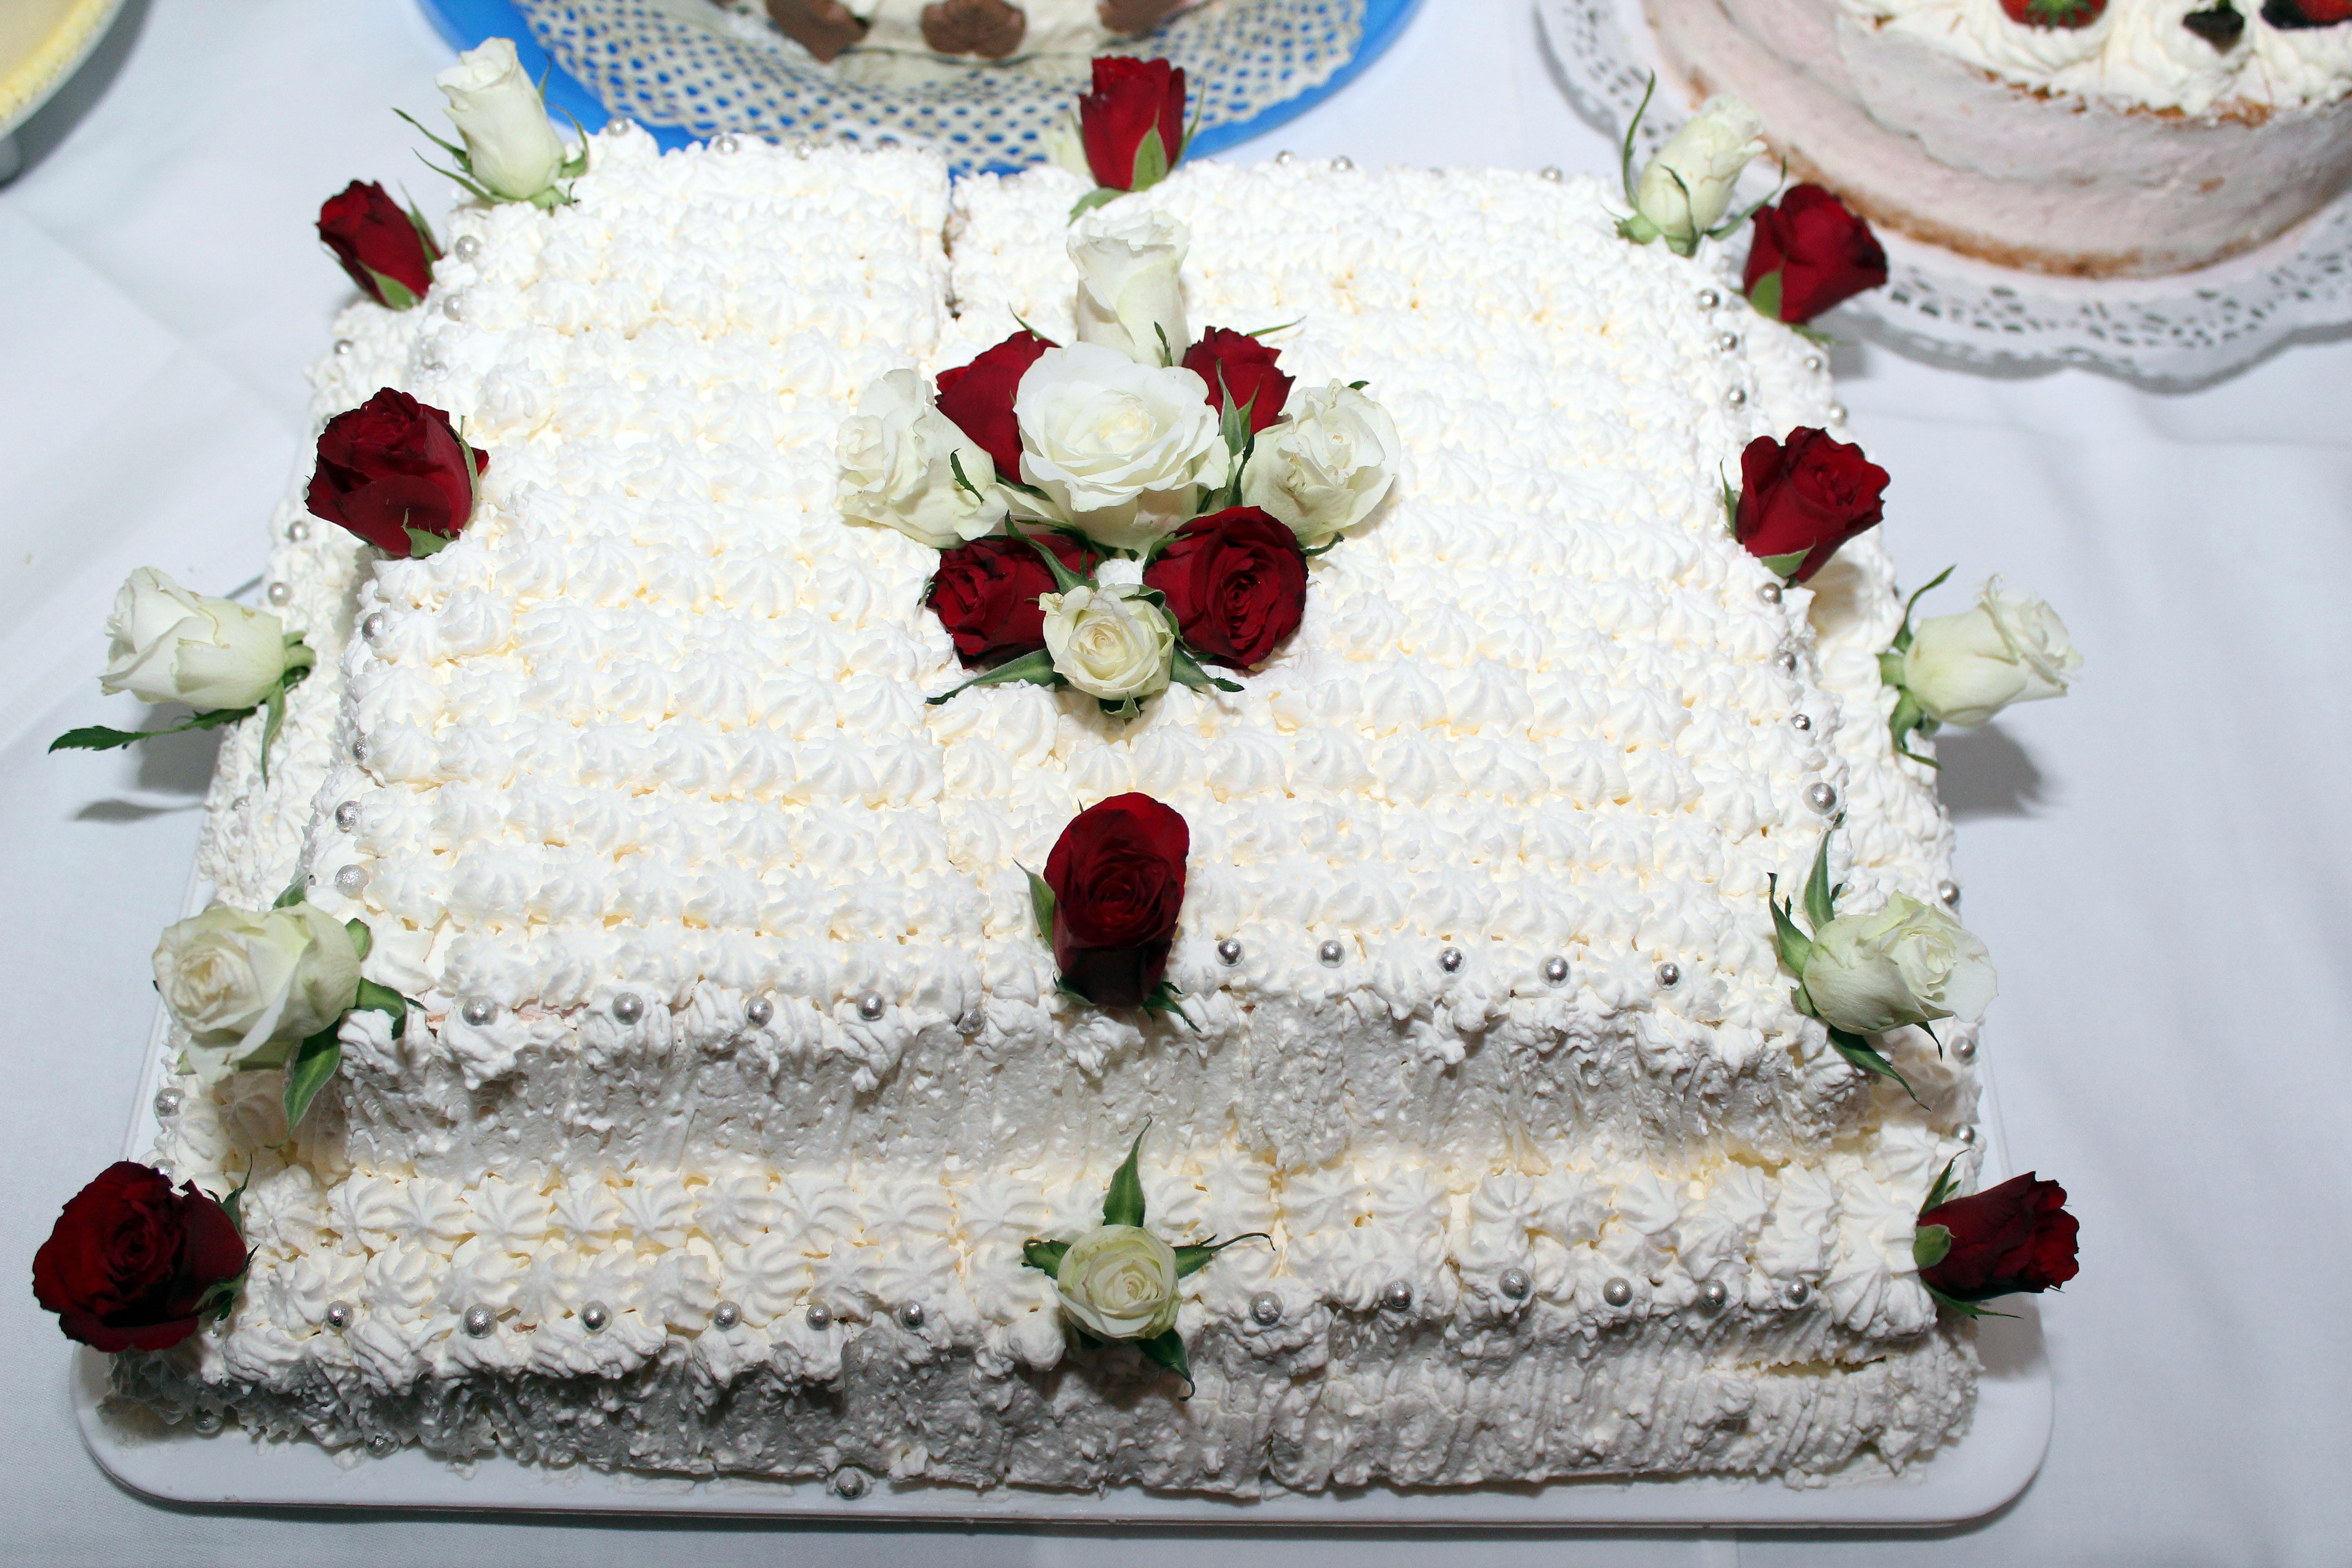 fotos gratis libro comida postre cocina delicioso pastel de cumpleaos formacin de hielo productos horneados flor rosa pastel de boda torta